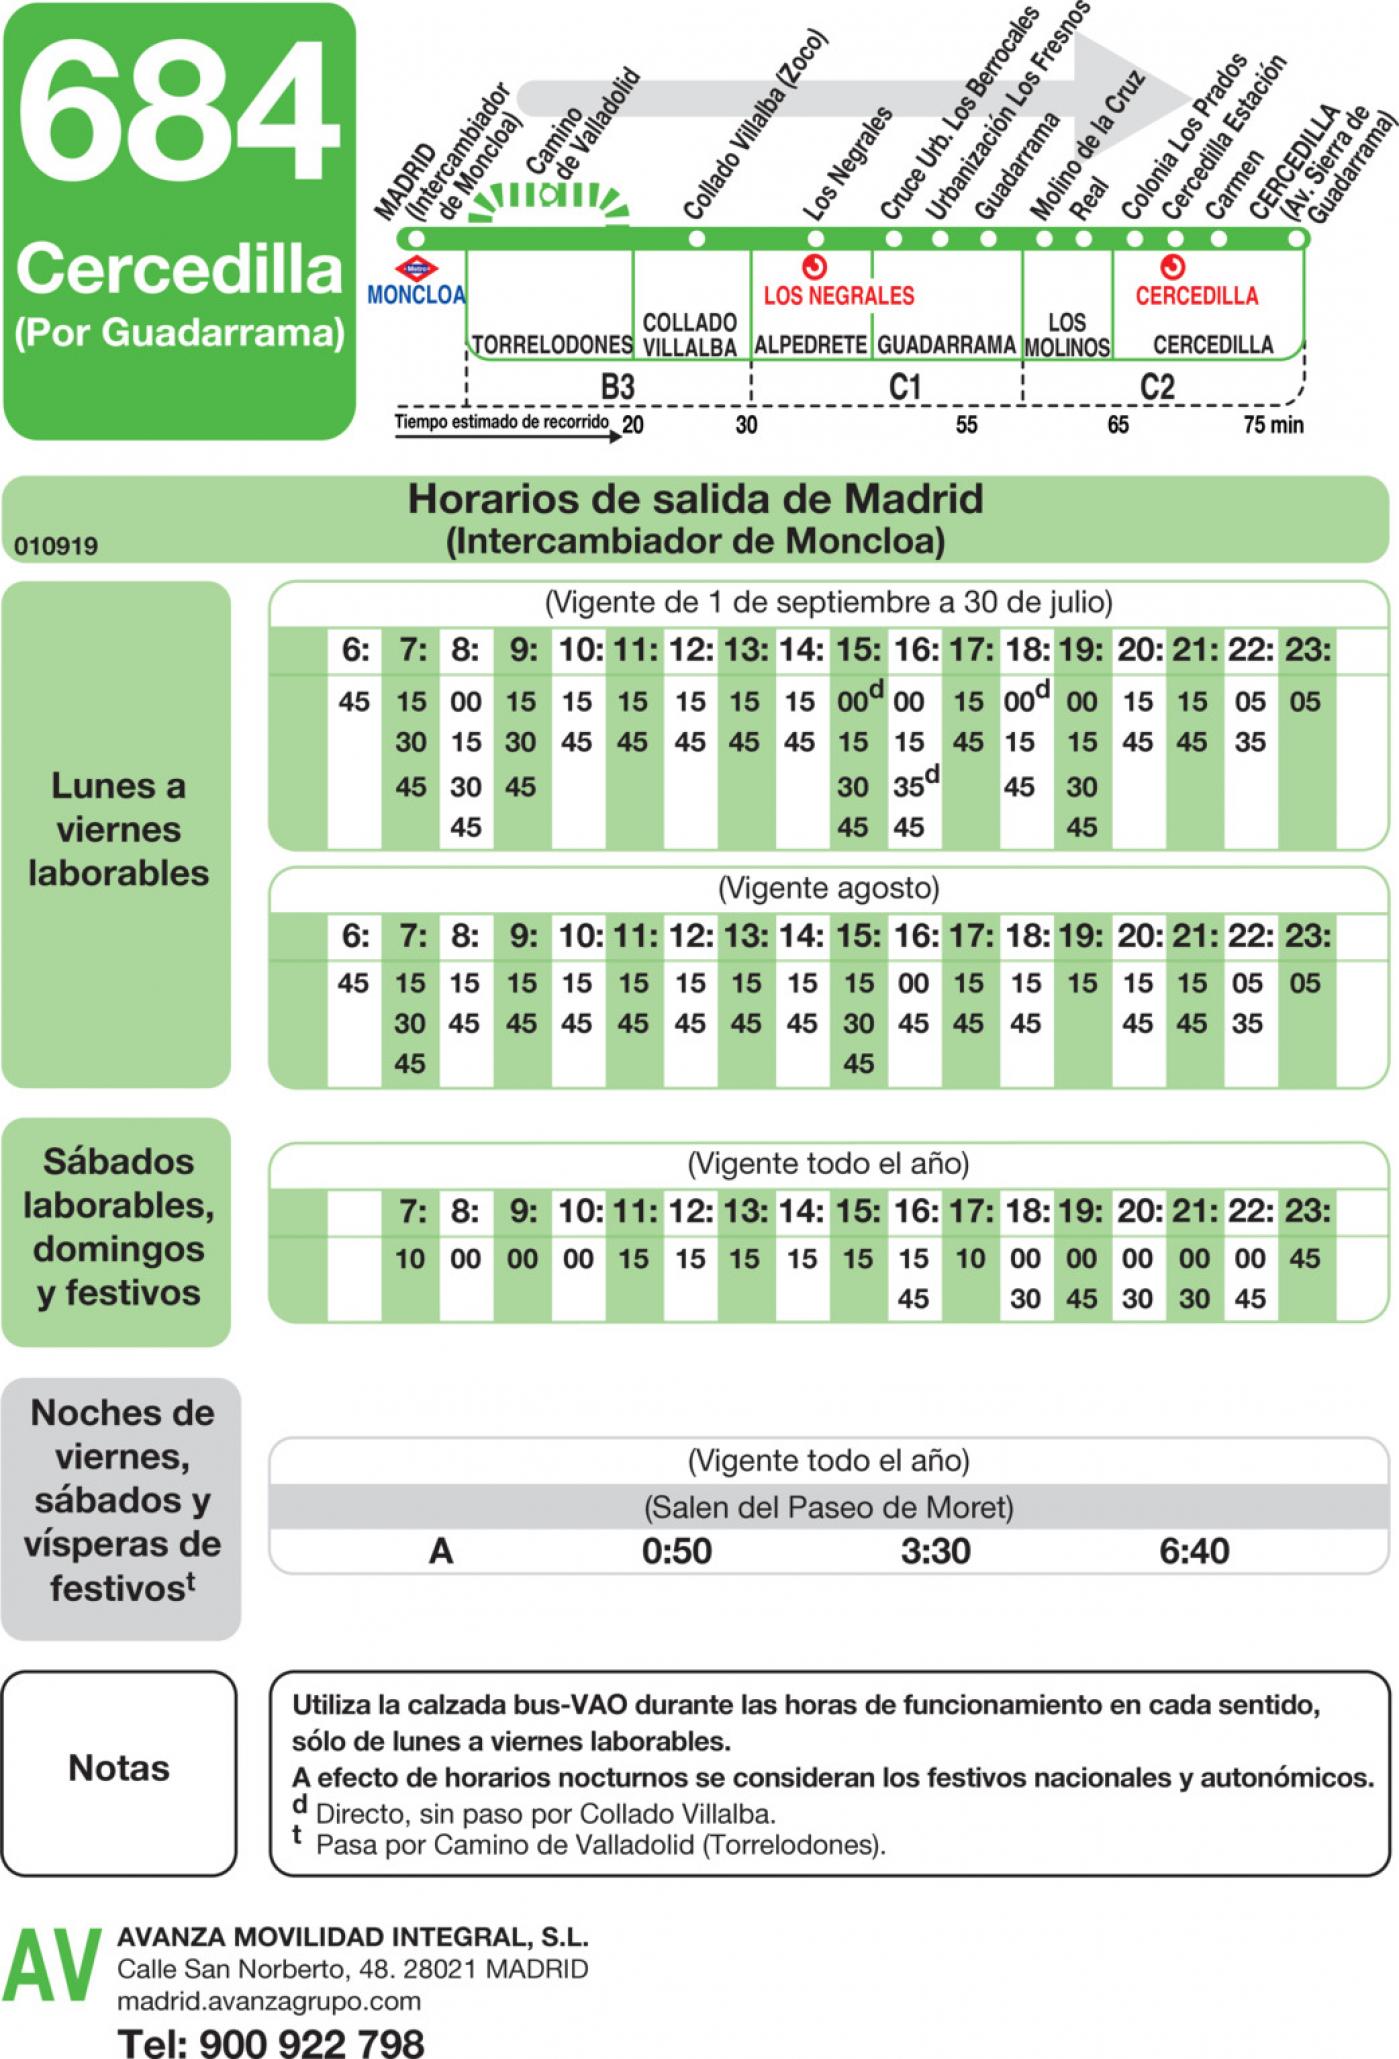 Tabla de horarios y frecuencias de paso en sentido ida Línea 684: Madrid (Moncloa) - Cercedilla (Guadarrama)